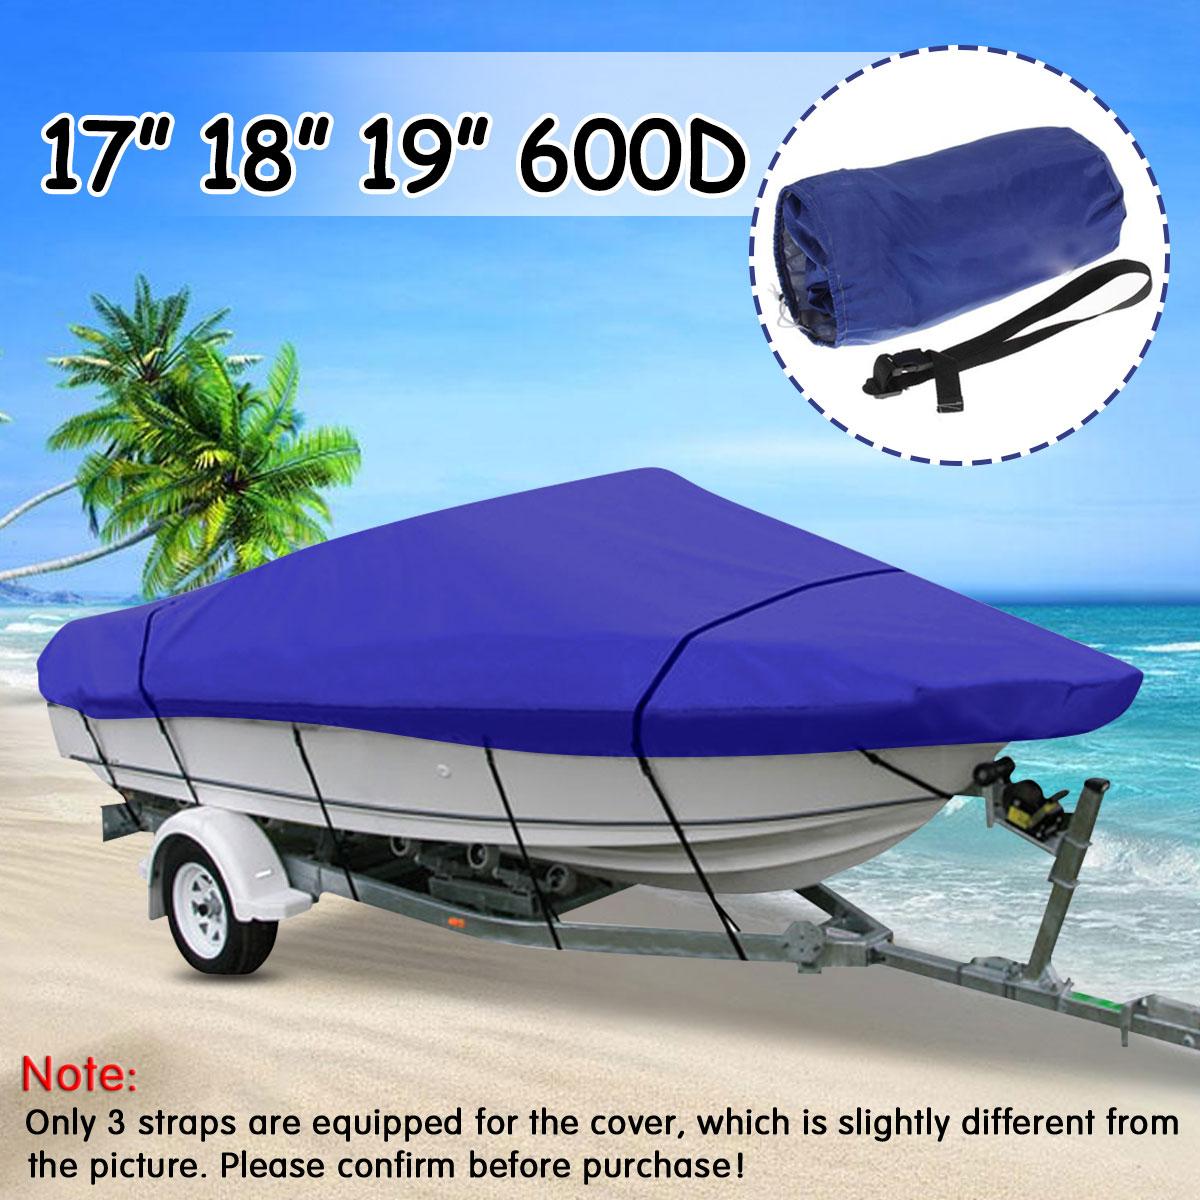 17 18 19ft pêche lourde Ski basse v-coque remorque bateau couverture imperméable pour hors-bord couverture 600D bleu